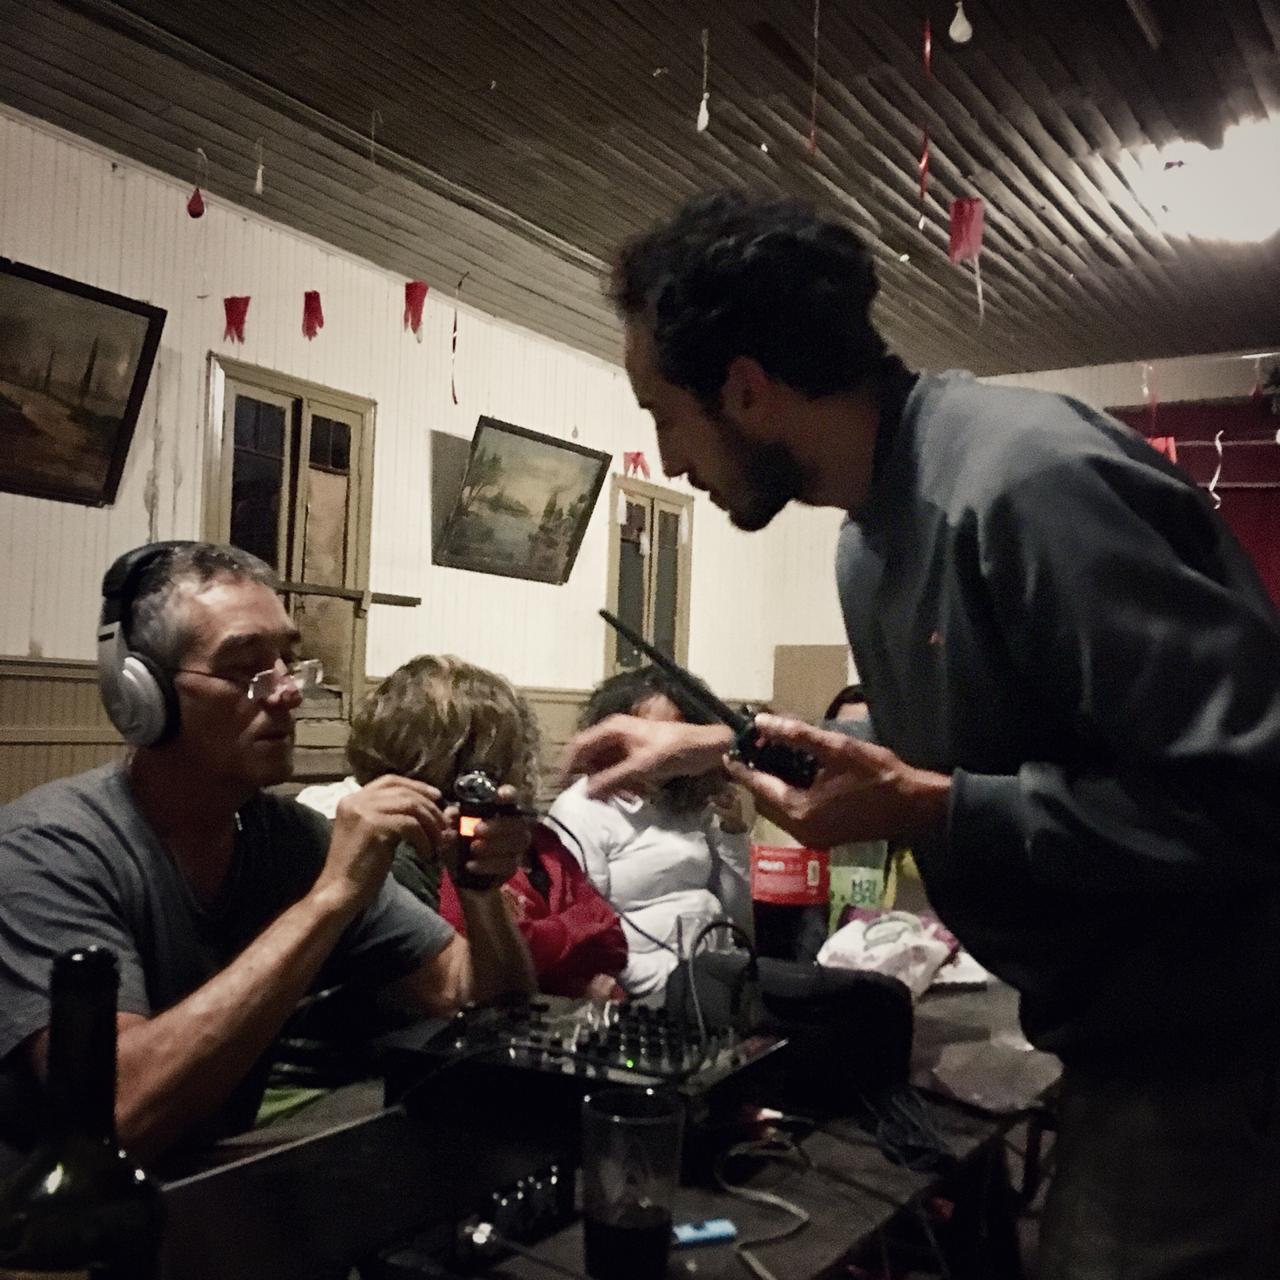 Activación de la Radio Isleña FM 88.1 en el Salon de Baile del Recreo Blondeau. Carapachay y Canal Alem. Islas de Campana.